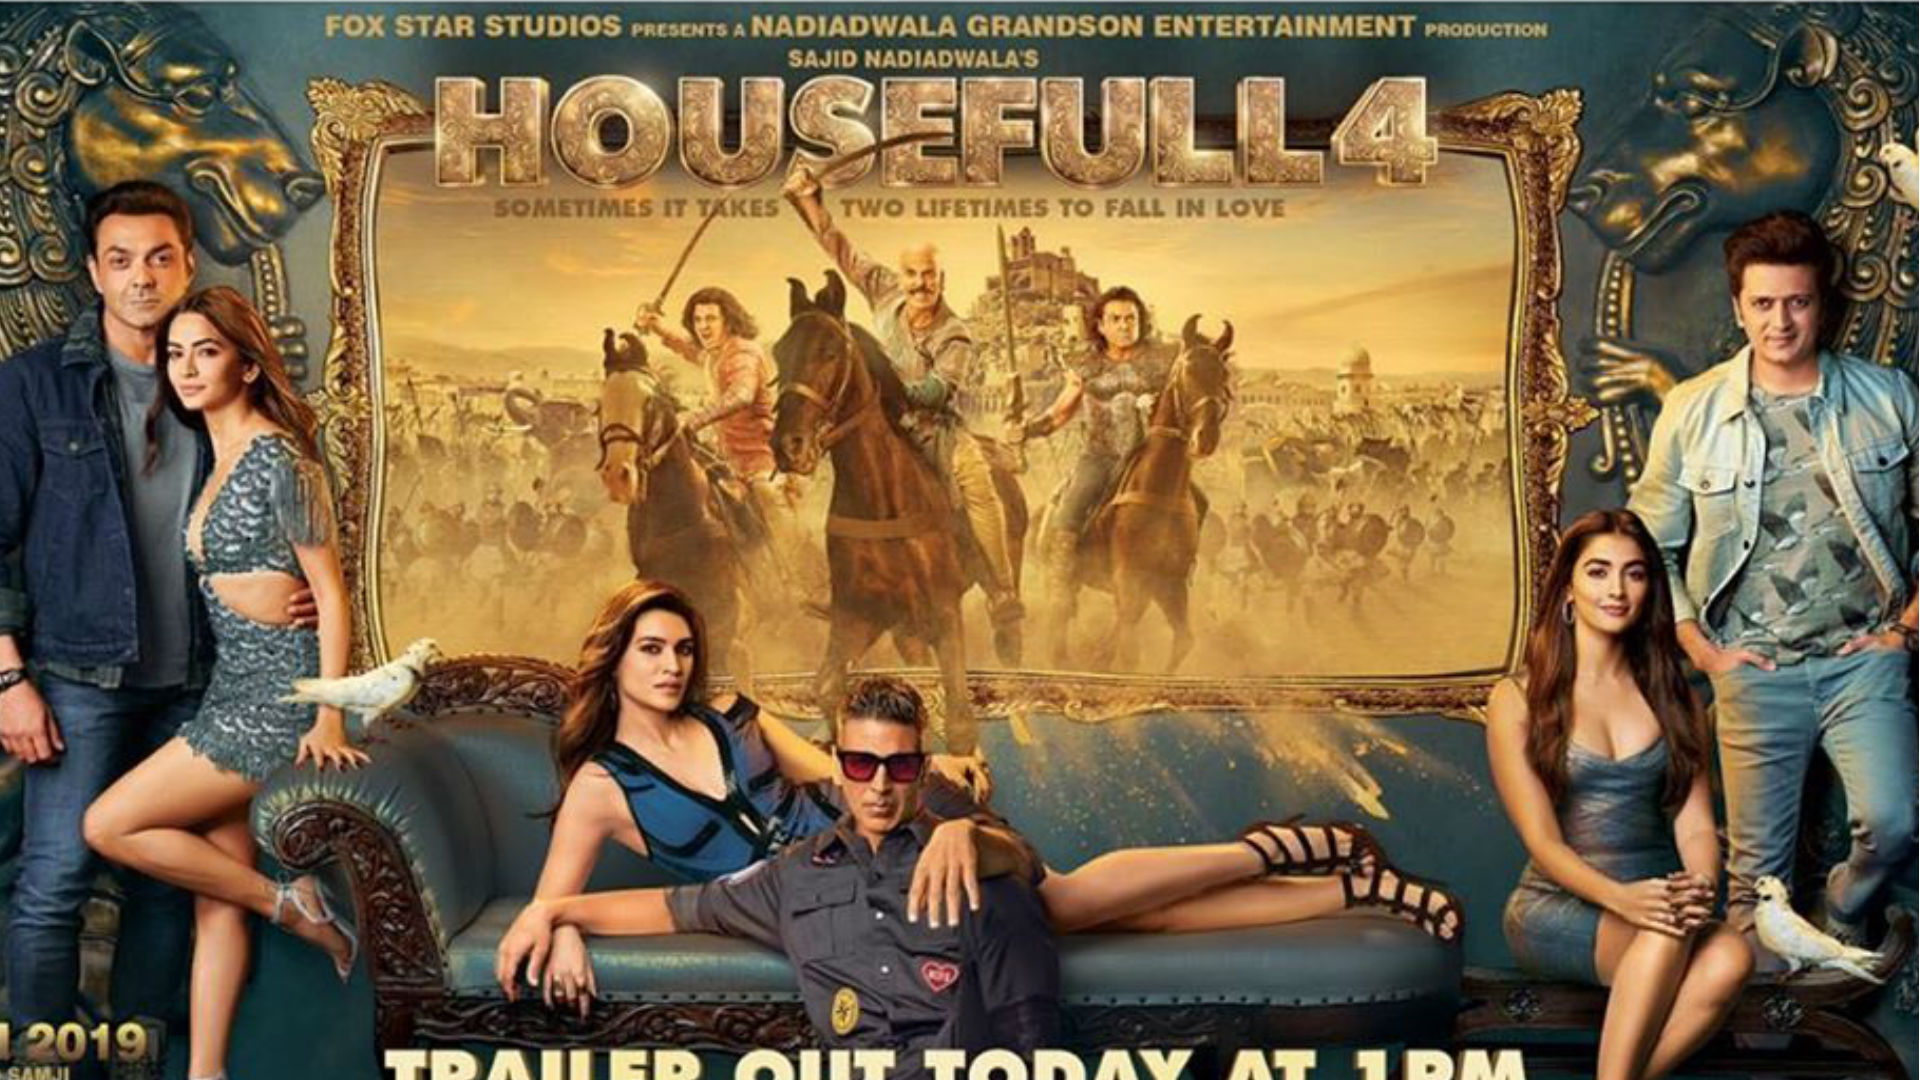 Housefull 4 Movie Trailer: हाउसफुल 4 का धमाकेदार ट्रेलर रिलीज, कॉमेडी का ओवरडोज है ये फिल्म